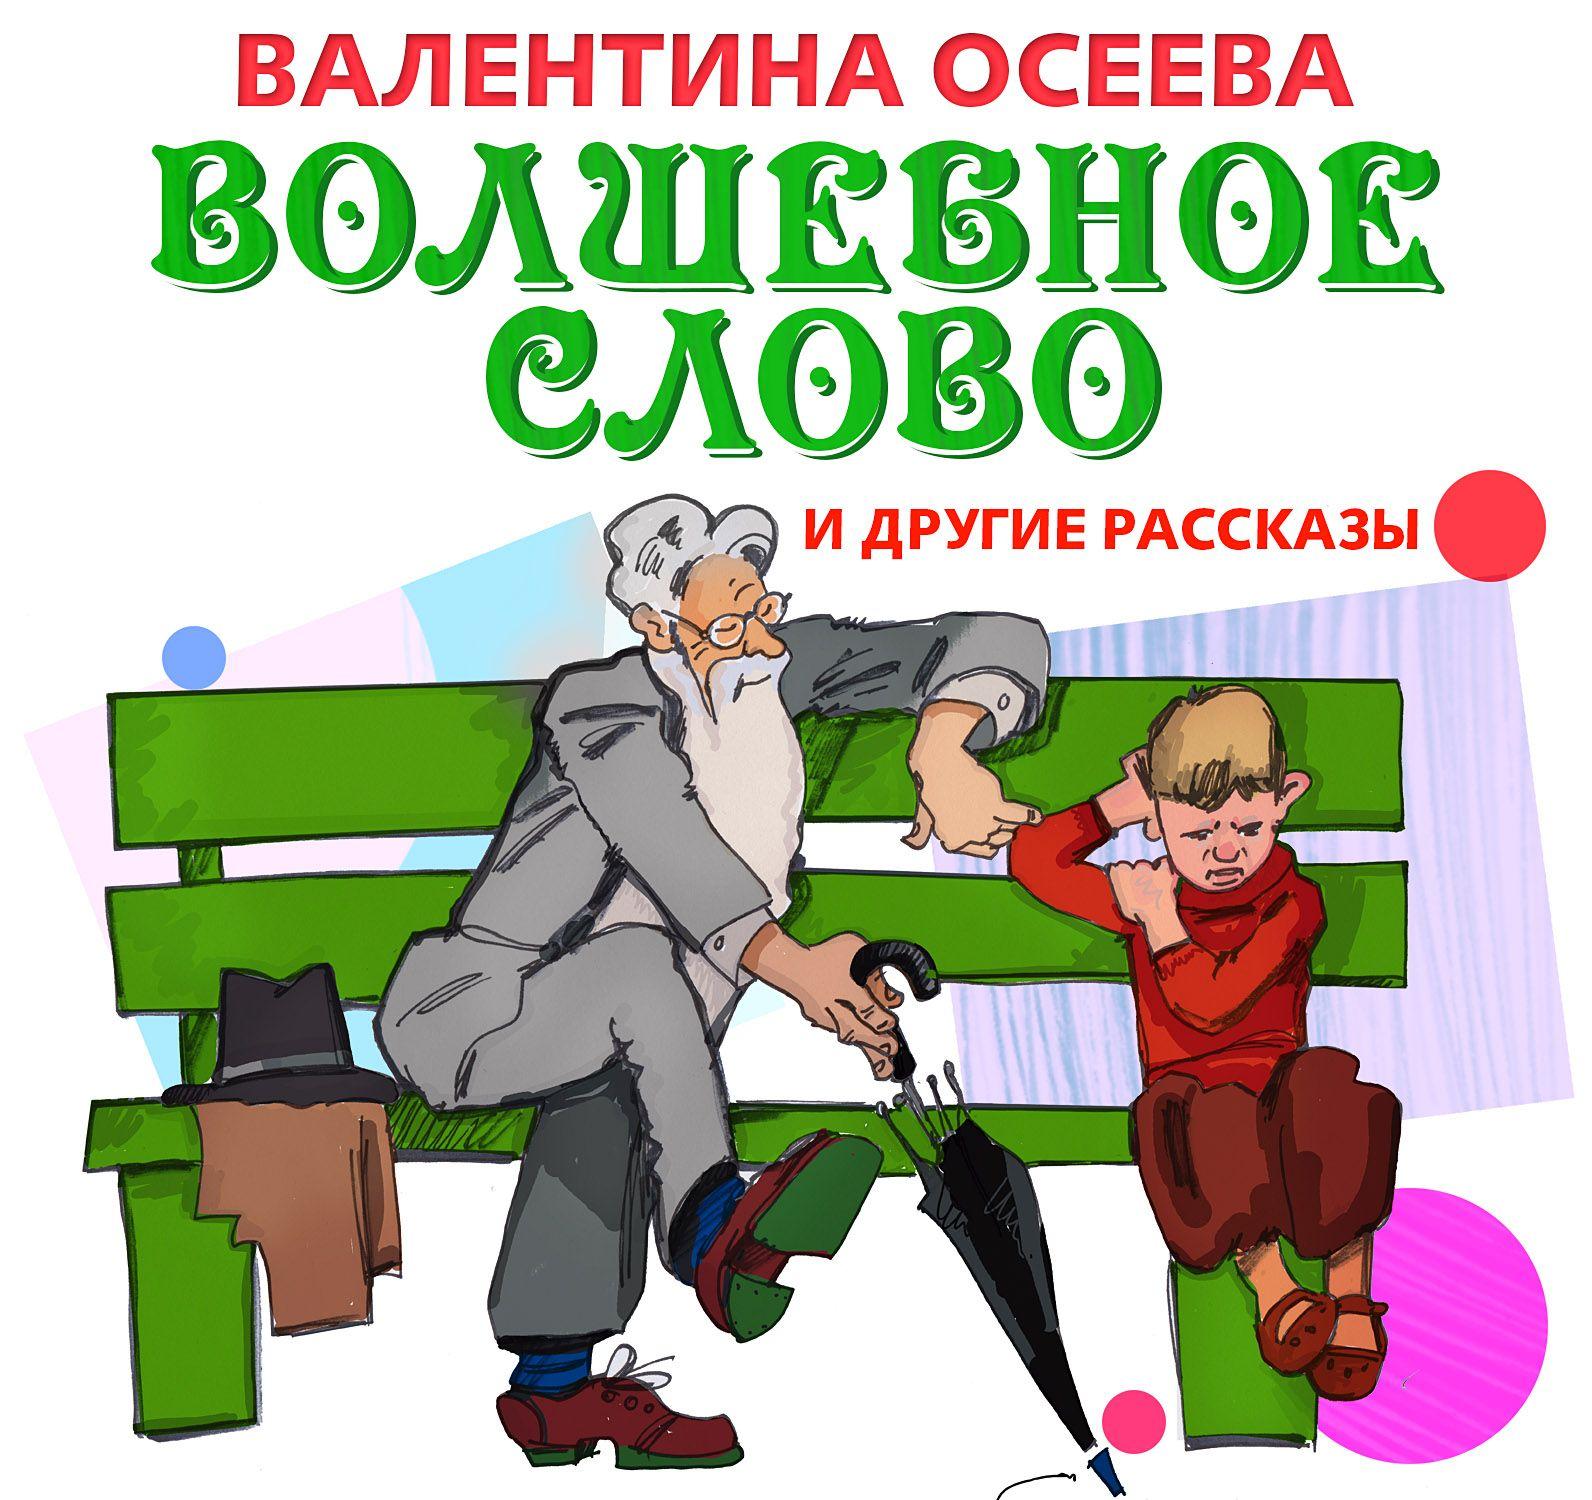 Купить книгу Волшебное слово и другие рассказы, автора Валентины Осеевой